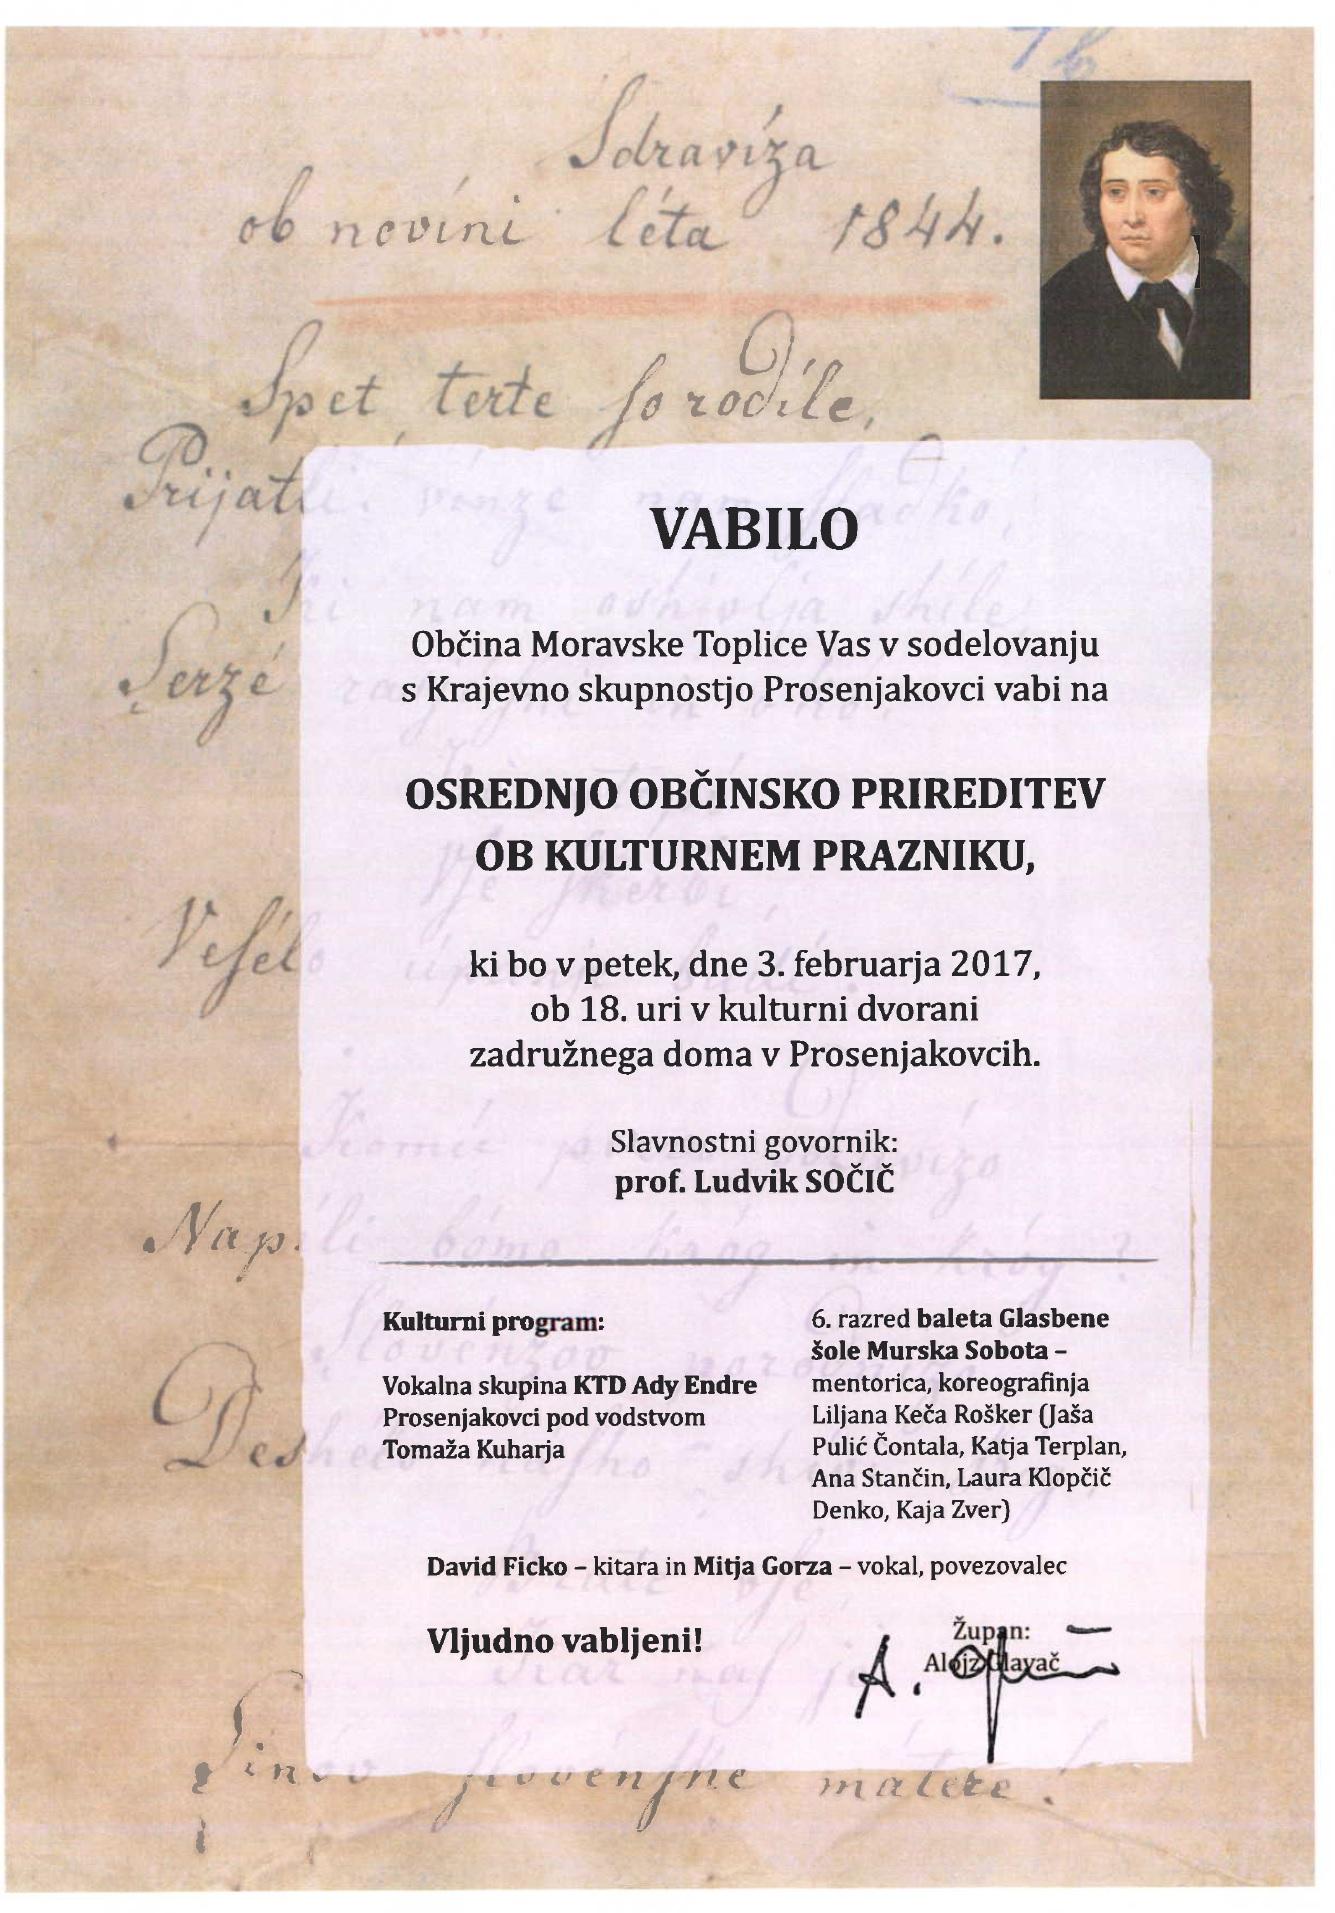 VABILO - KULTURNI PRAZNIK